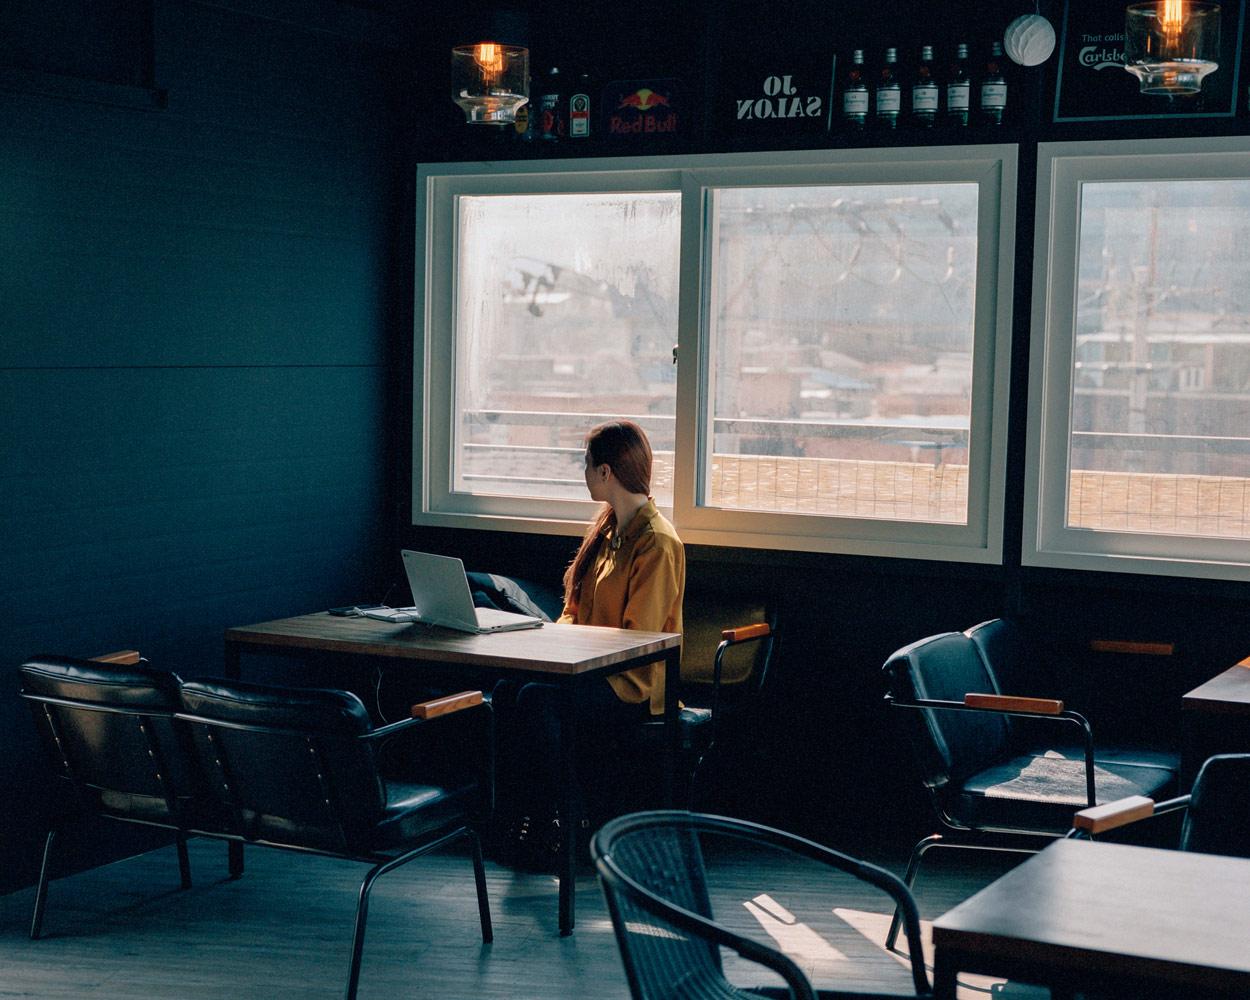 Я здесь, с тобой, © Говун Ли, Финалист конкурса, Фотоконкурс ZEISS Photography Award